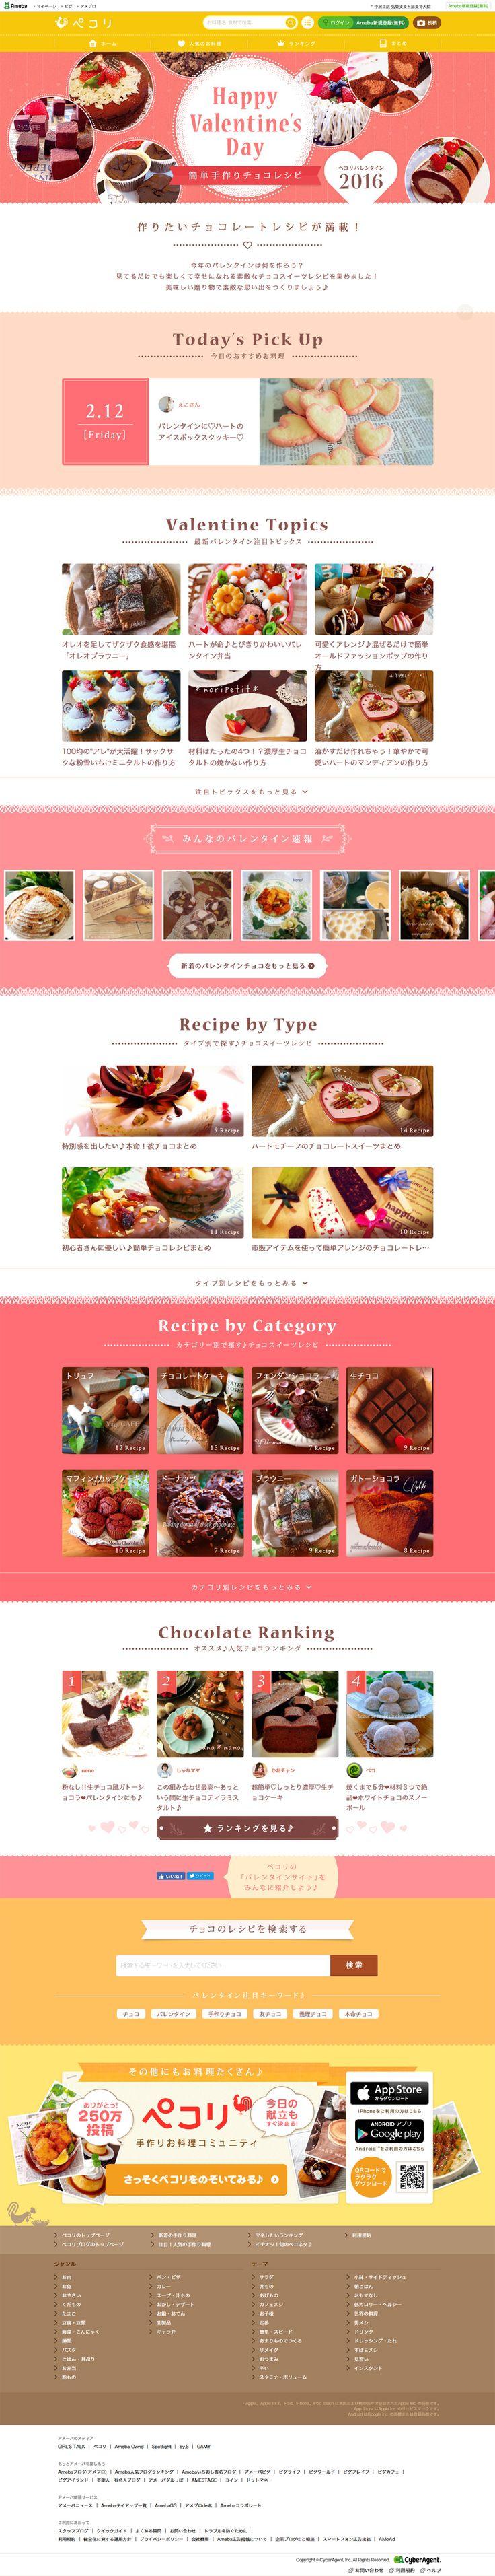 バレンタイン特集【和菓子・洋菓子・スイーツ関連】のLPデザイン。WEBデザイナーさん必見!ランディングページのデザイン参考に(かわいい系)